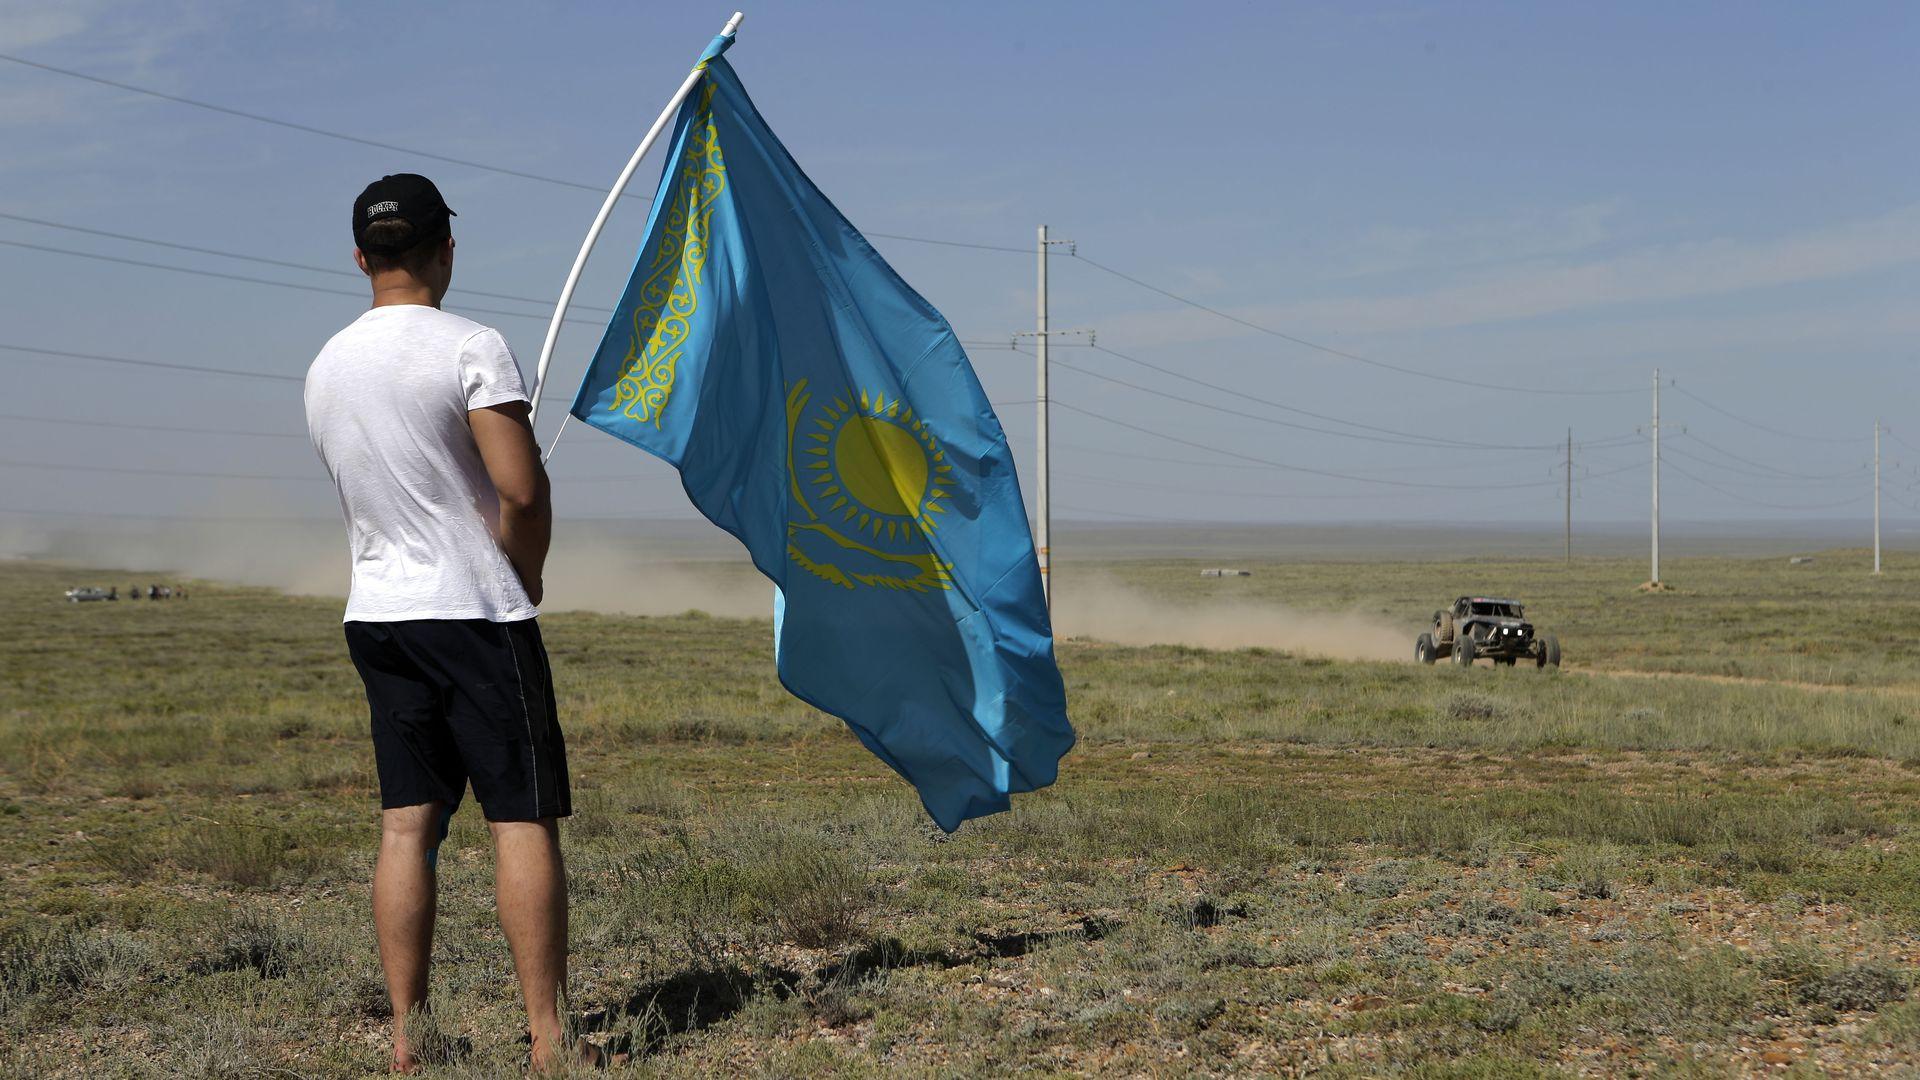 Web browsers unite against reported Kazakhstani surveillance